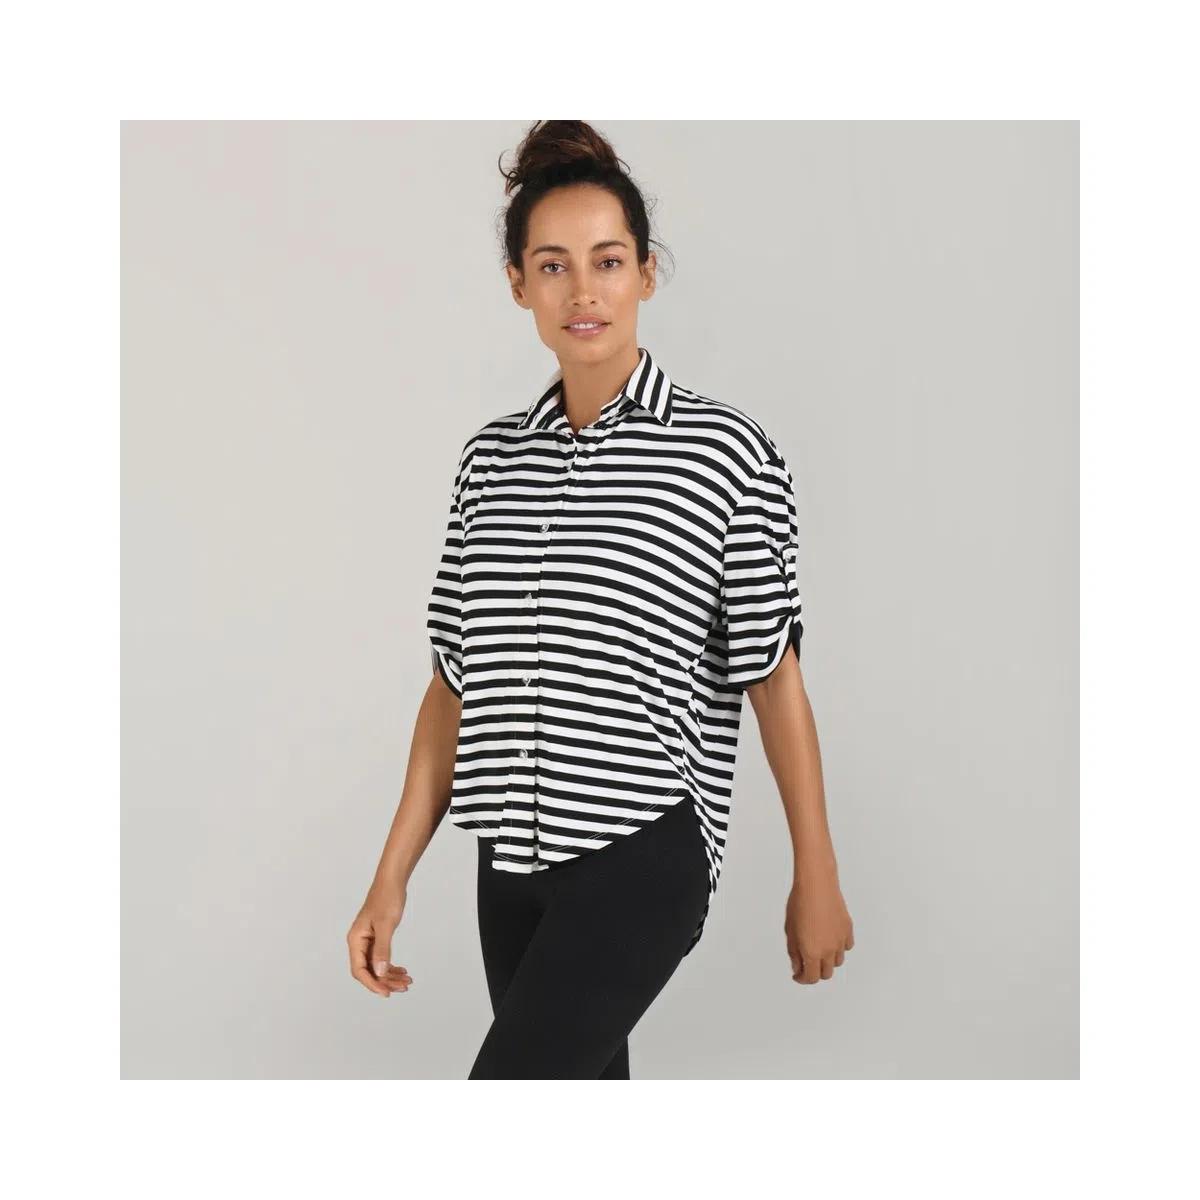 UV LINE Camisa Bola Listrada Manga Curta Feminino Branco/Preto Proteção Solar